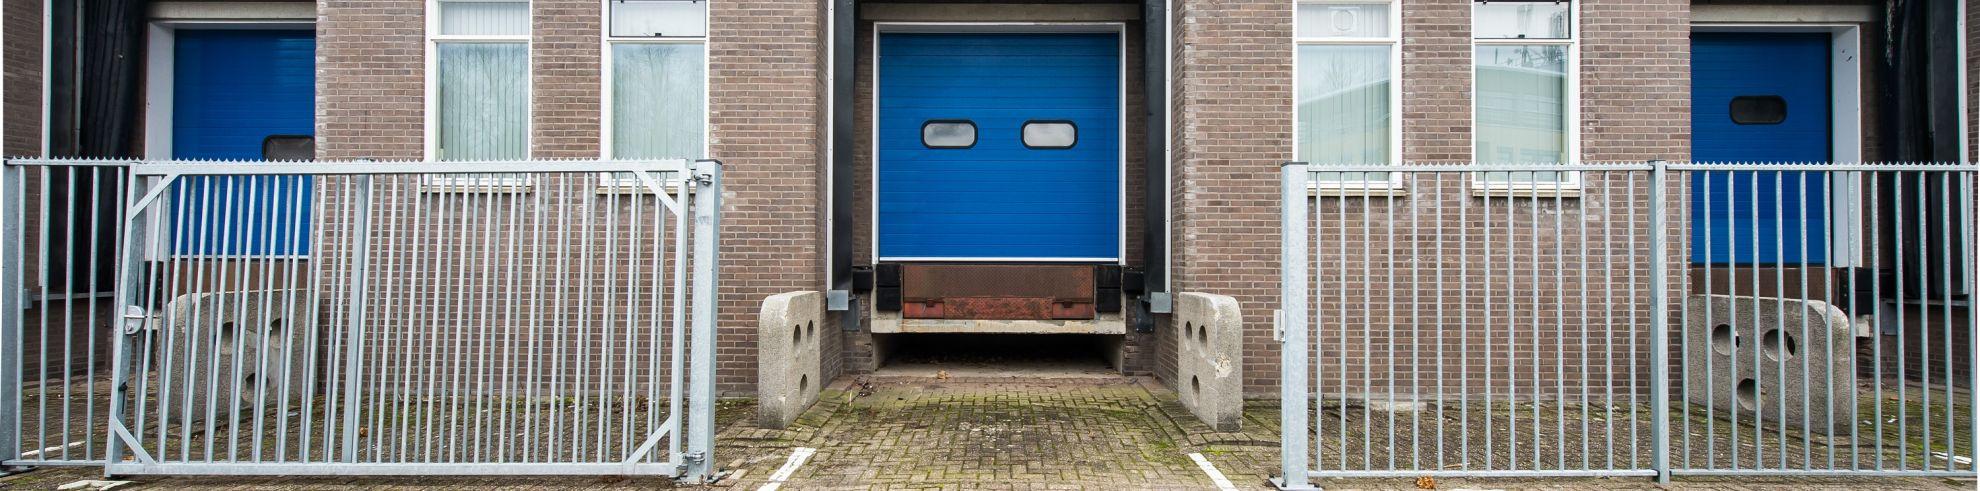 Bedrijvenpark Kabelweg Huizen 'Laaddock 1'